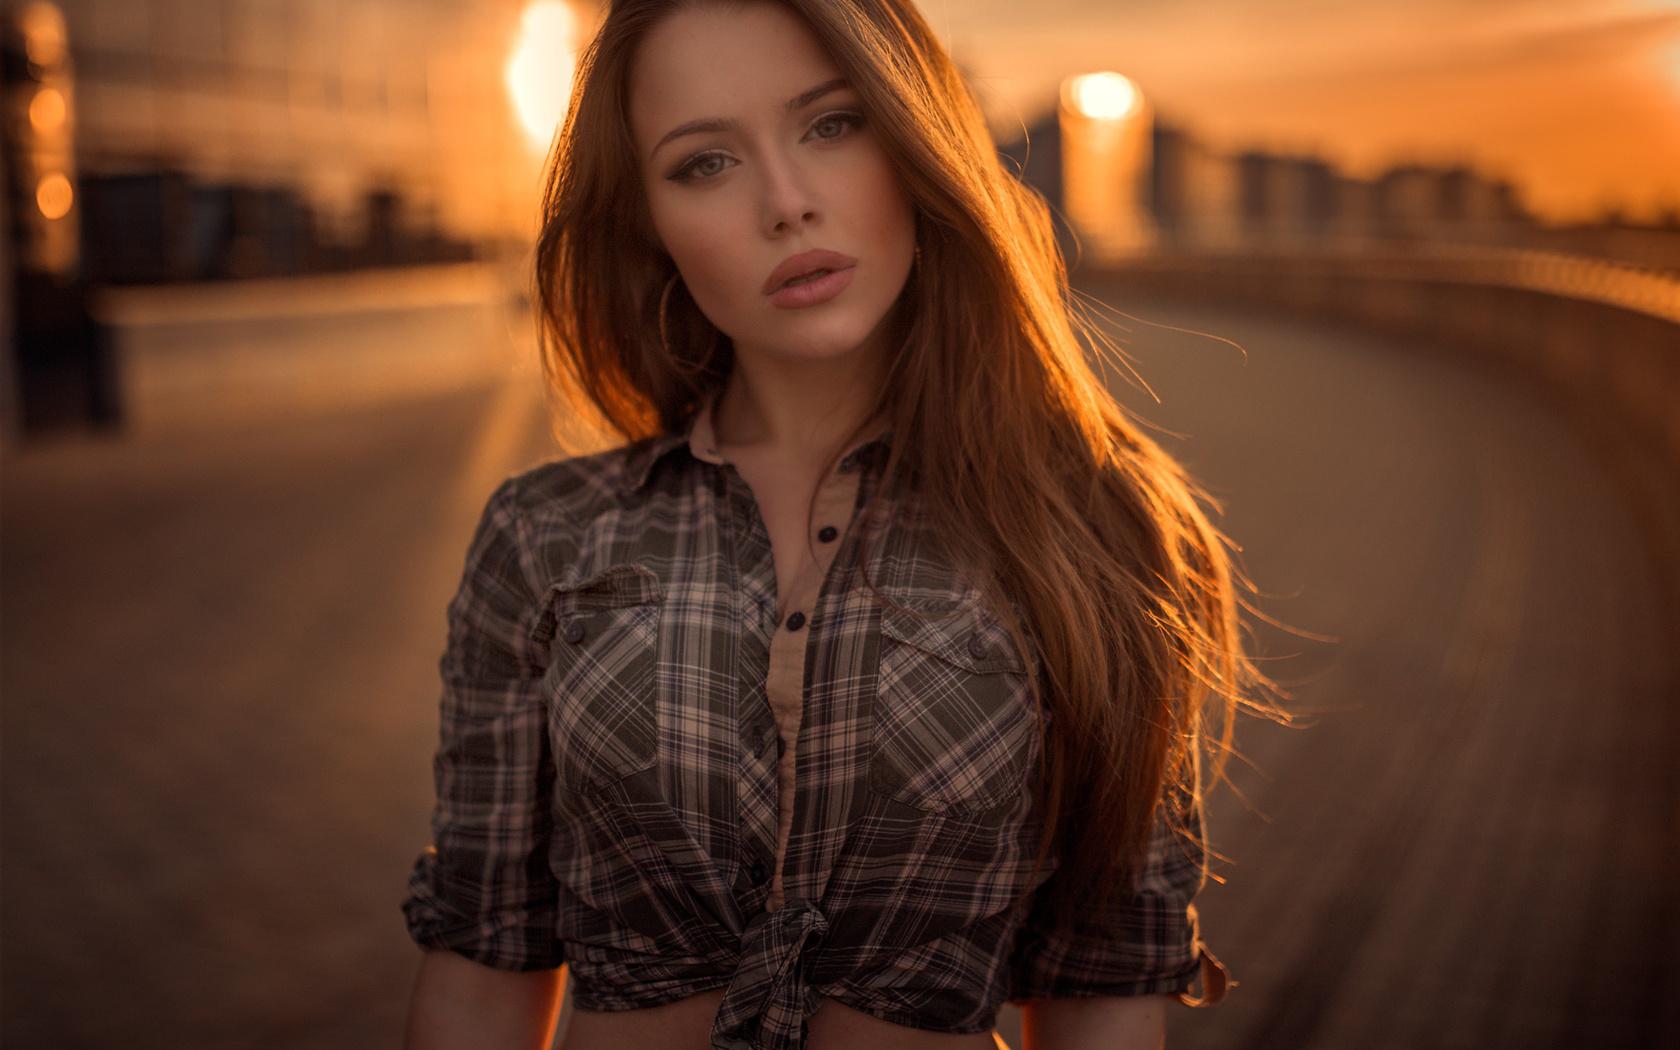 русая, позирует, взгляд, город, девушка, милая, рубашка, александра стельмах